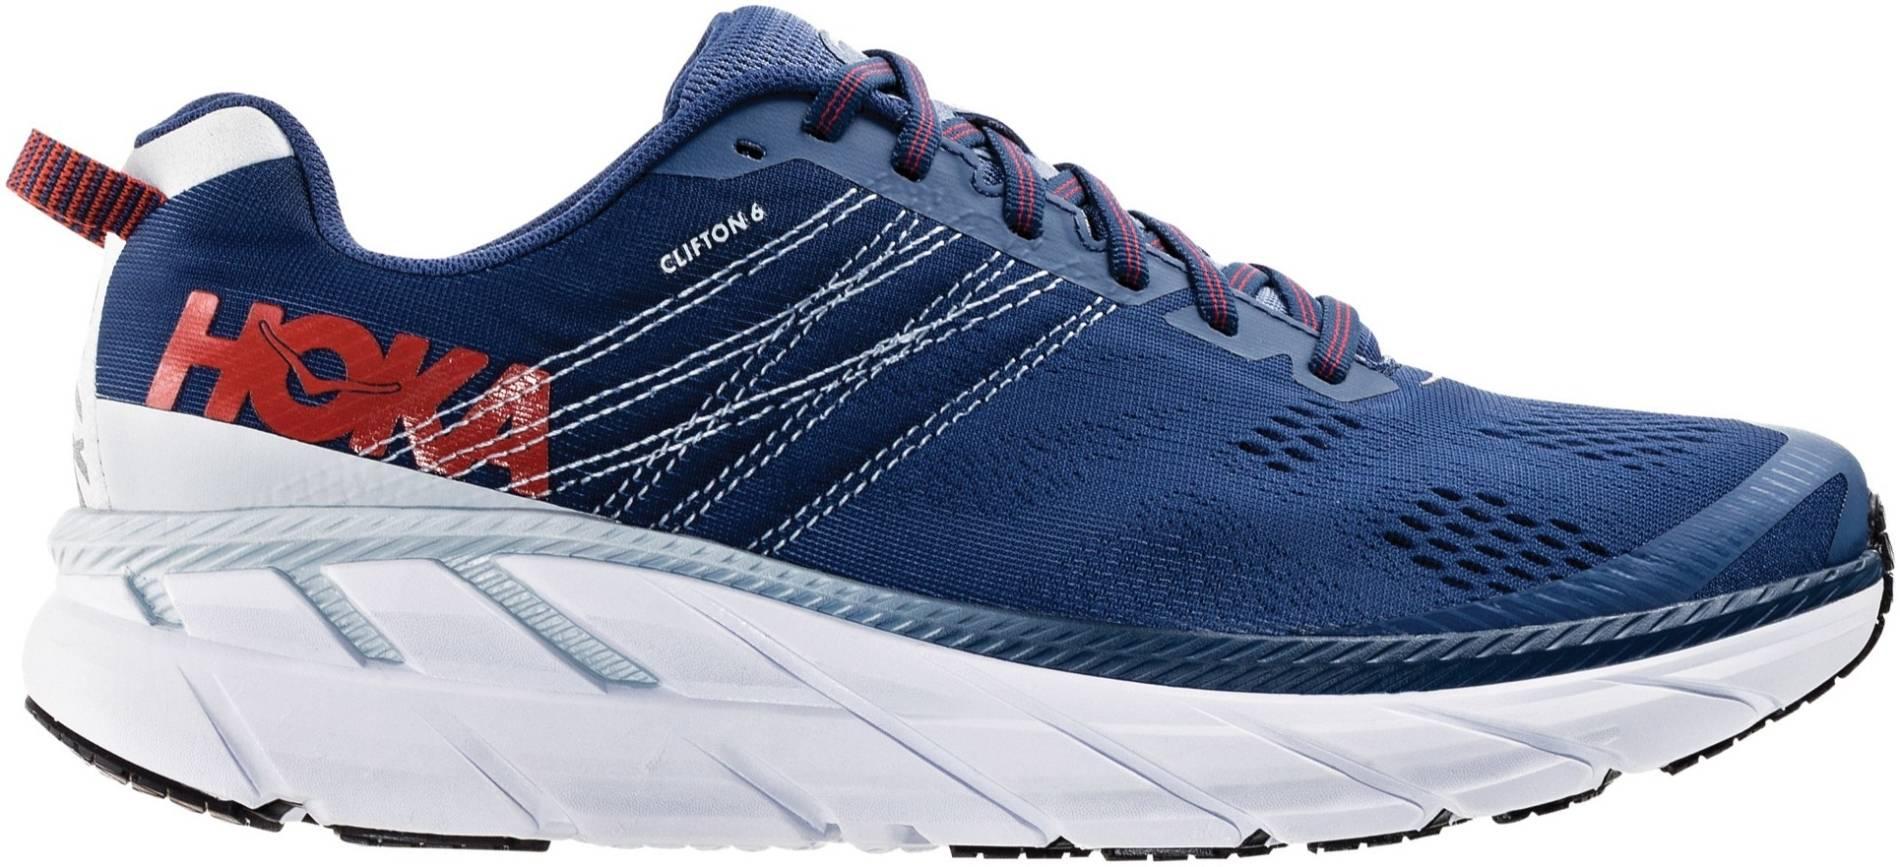 Wide Hoka One One Running Shoes